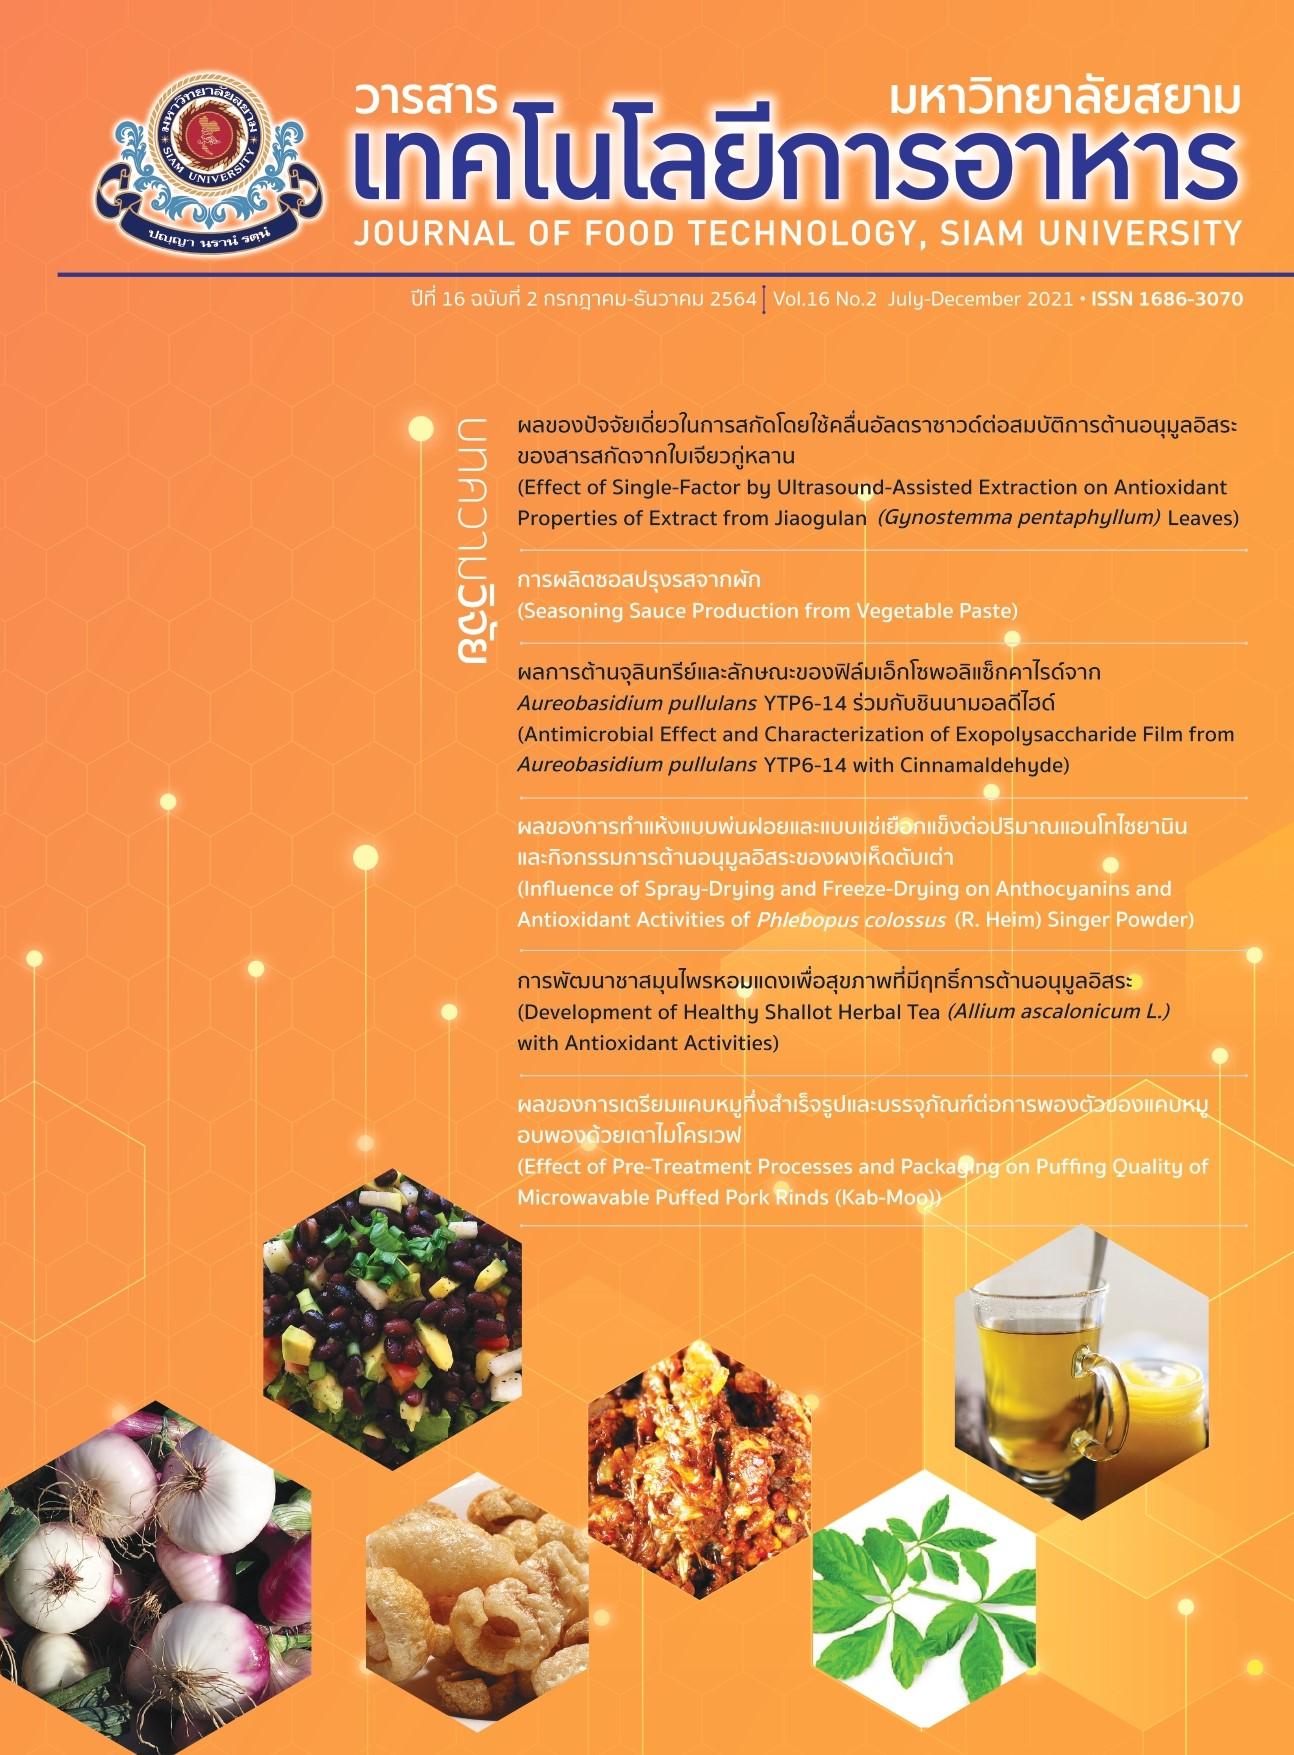 หน้าปกวารสารเทคโนโลยีการอาหาร ปีที่ 10